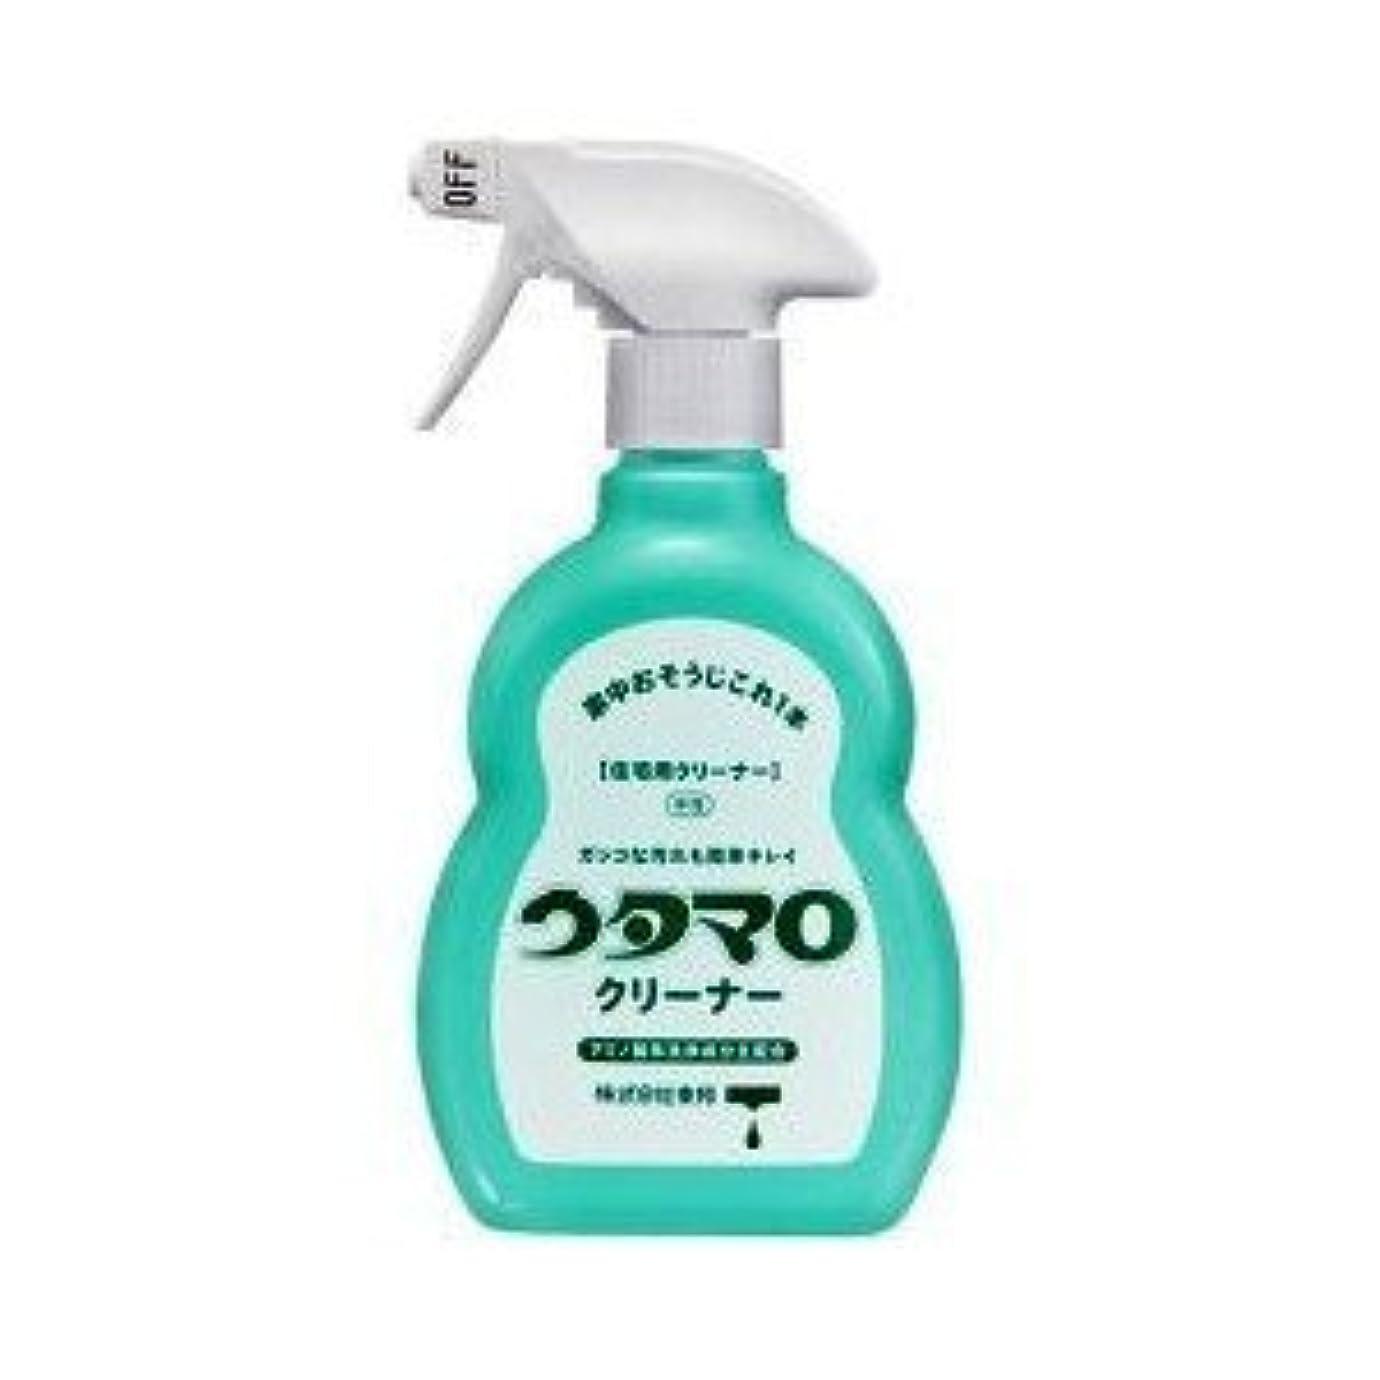 一致スプレー二次ウタマロ クリーナー 400ml 洗剤 住居用 アミノ酸系洗浄成分主配合 さわやかなグリーンハーブの香り